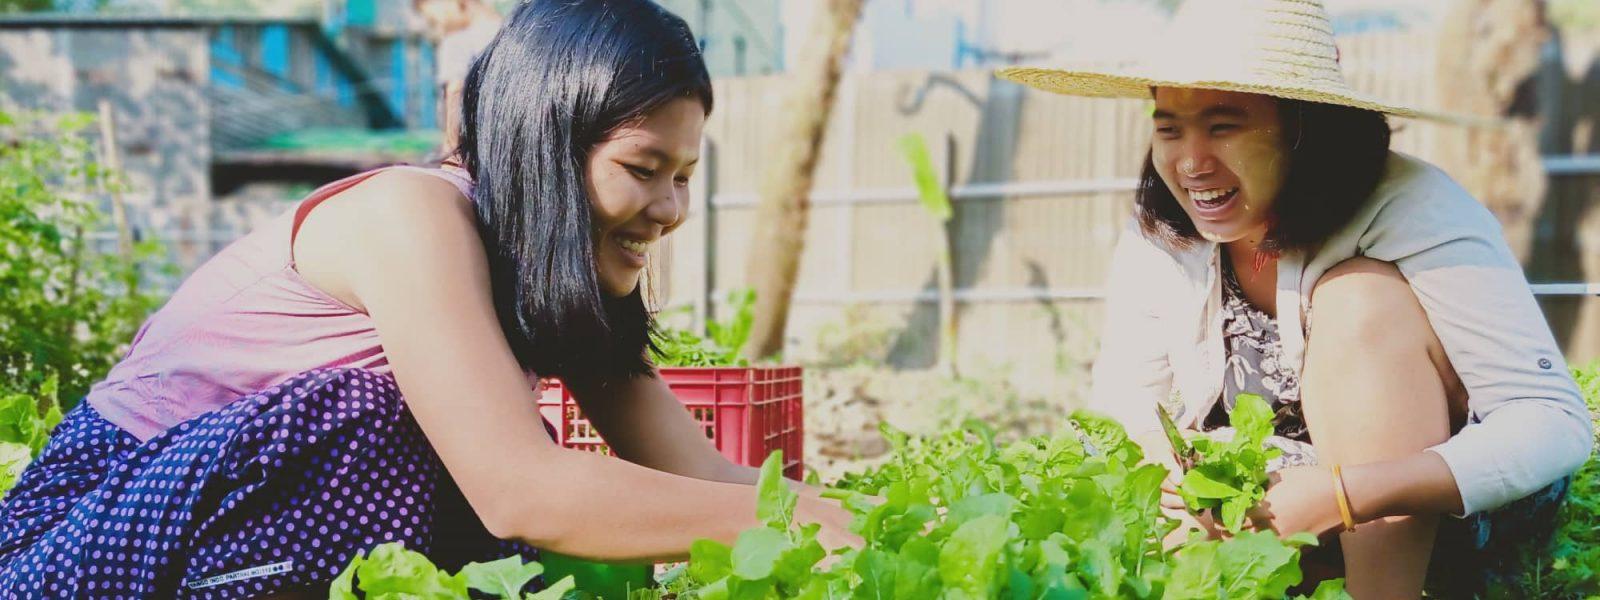 Responsible Travel - girls in farm - Yangon - Sampan Travel